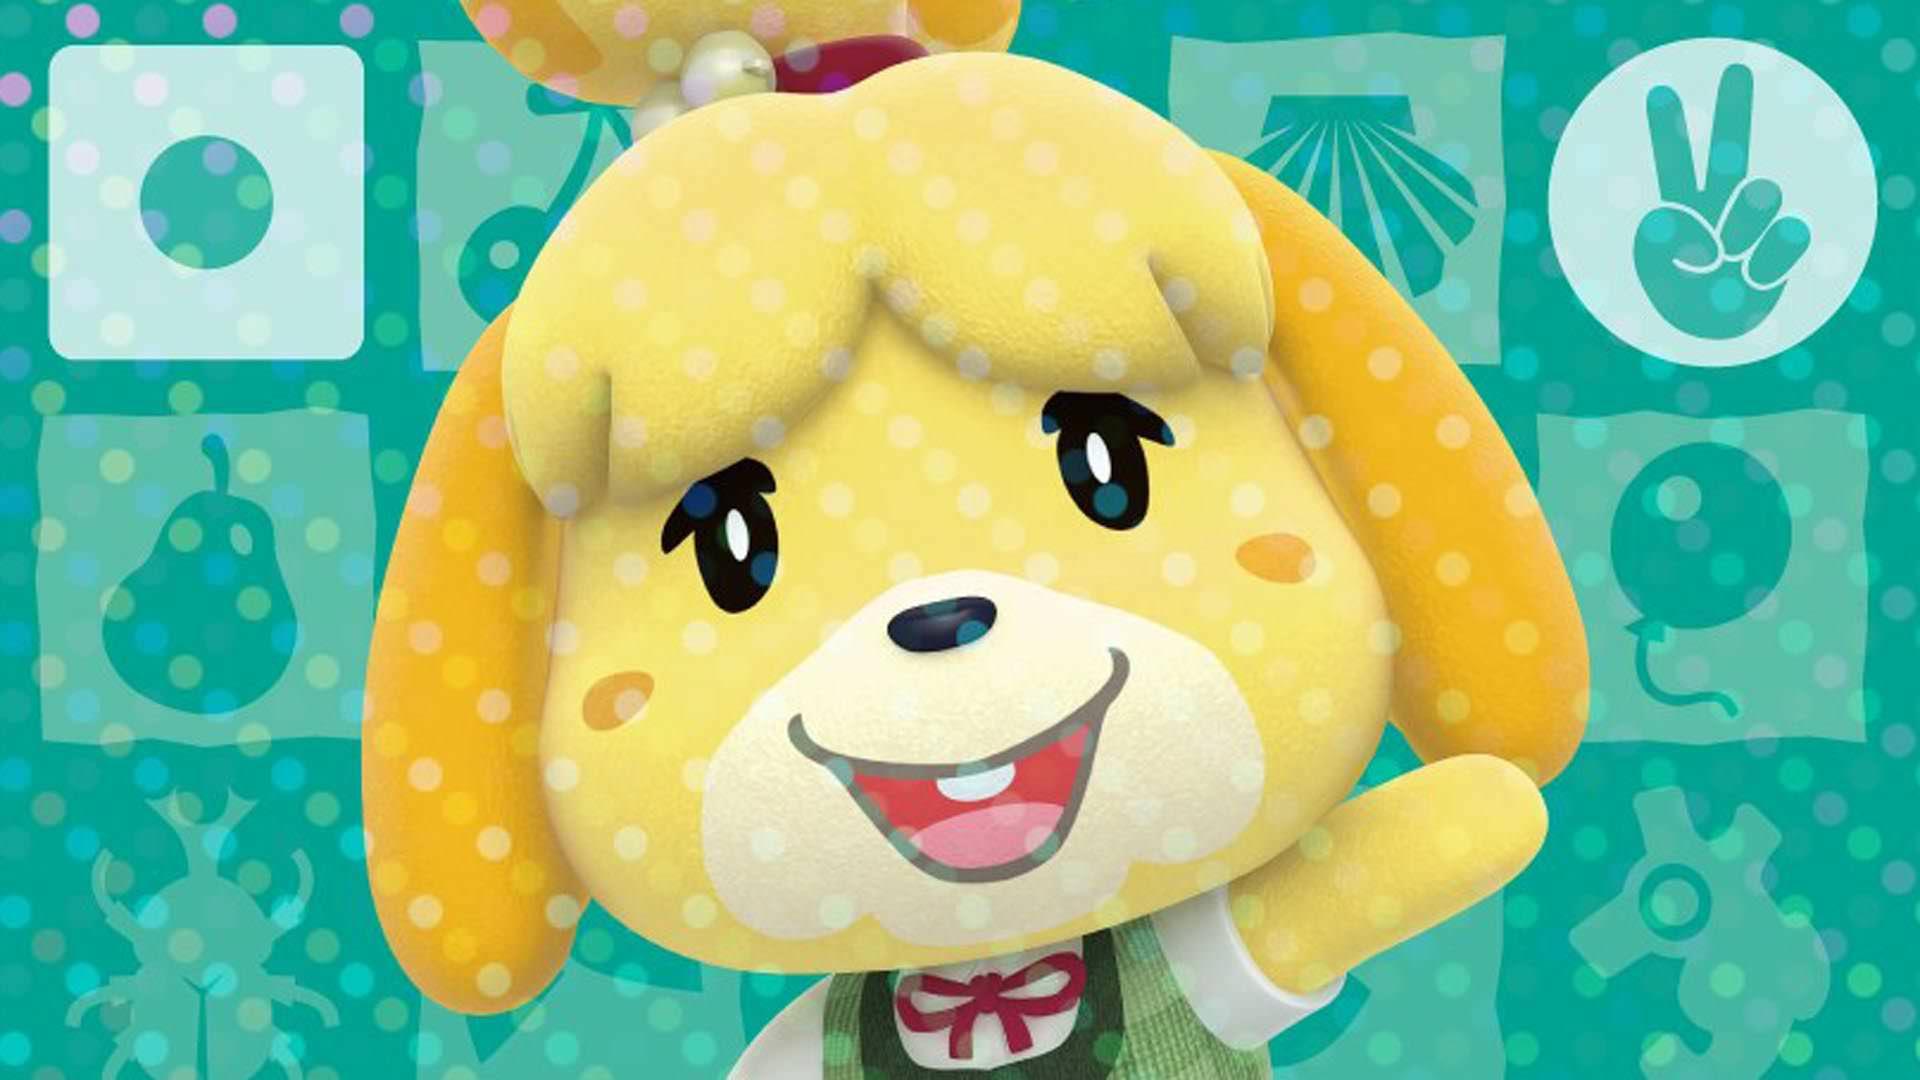 Estos son los 20 personajes de videojuegos más populares en Japón según la revista Picopuri